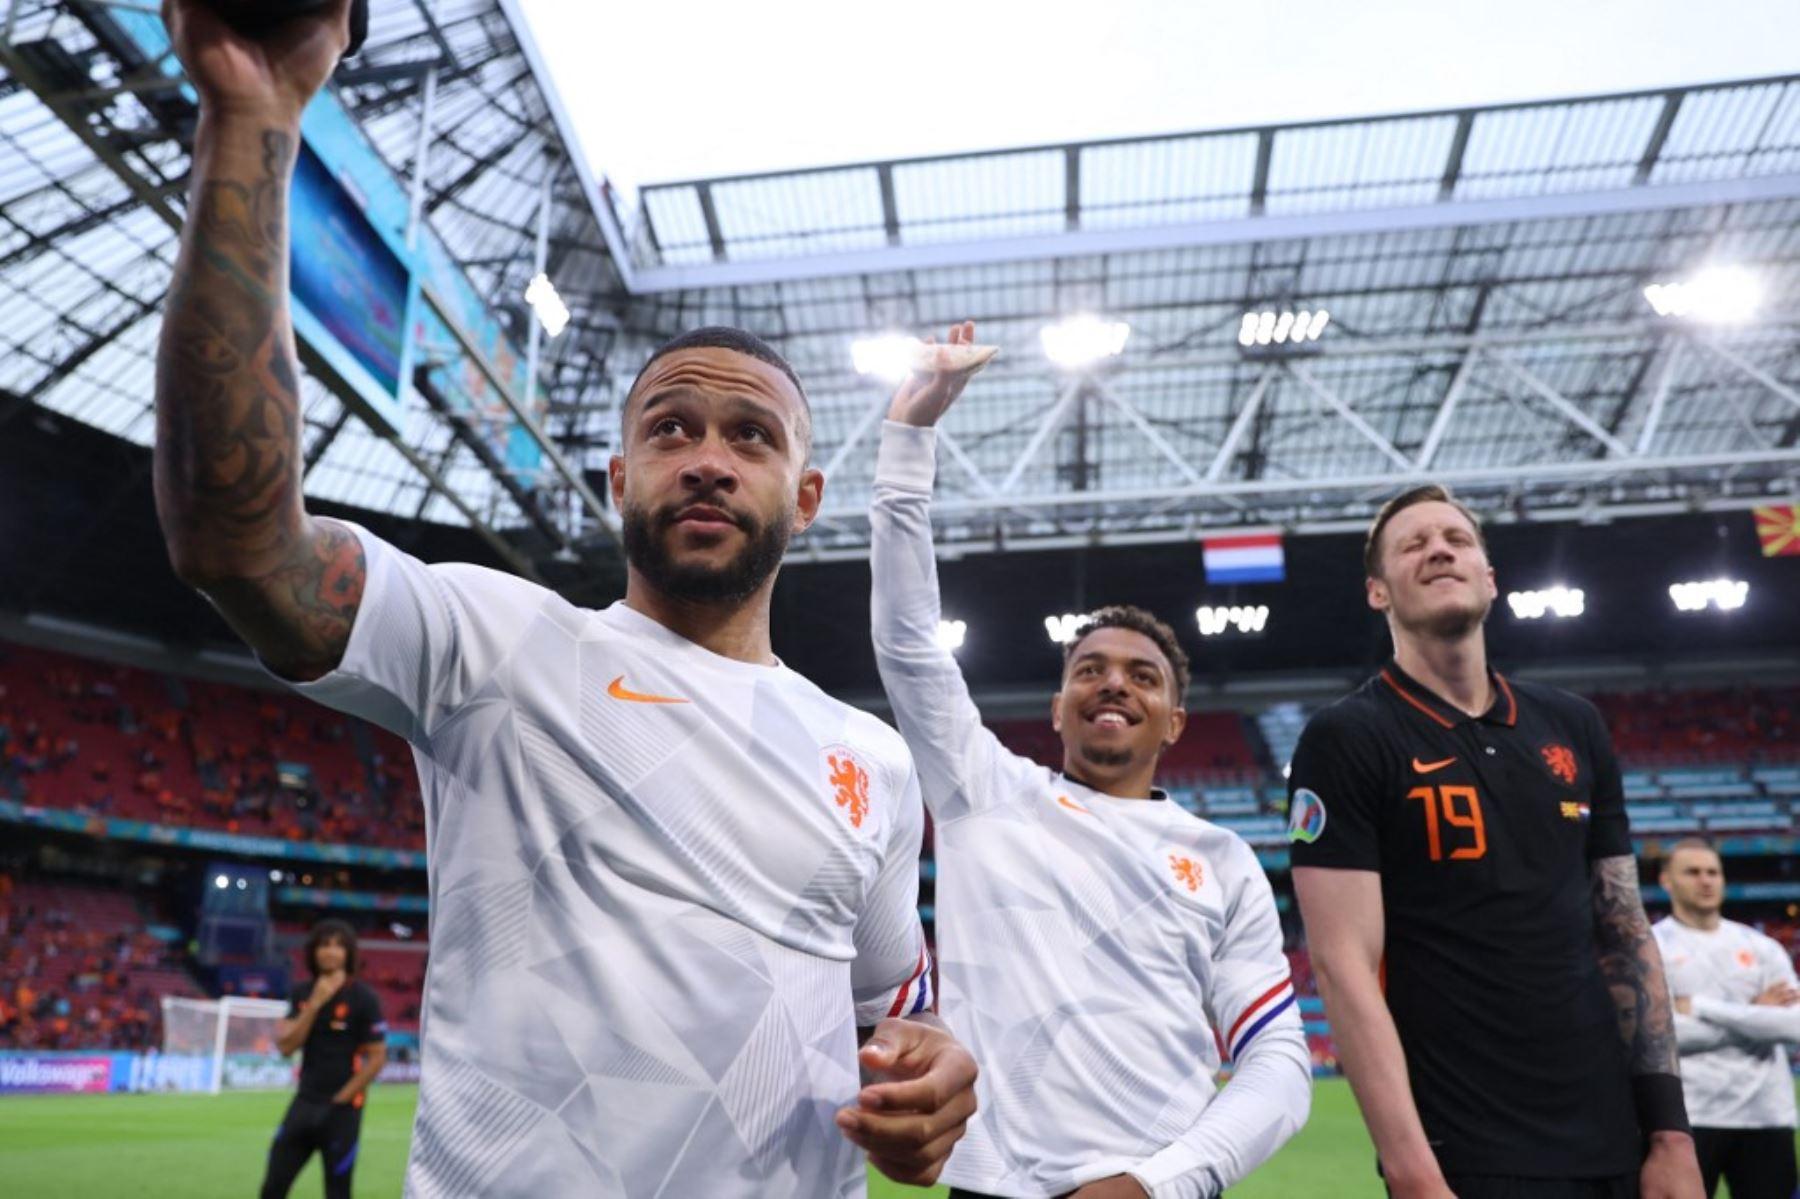 El delantero holandés Memphis Depay (L) celebra la victoria de su equipo al final del partido de fútbol del Grupo C de la UEFA EURO 2020 entre Macedonia del Norte y Holanda en el Johan Cruyff Arena de Ámsterdam el 21 de junio de 2021. Foto: AFP